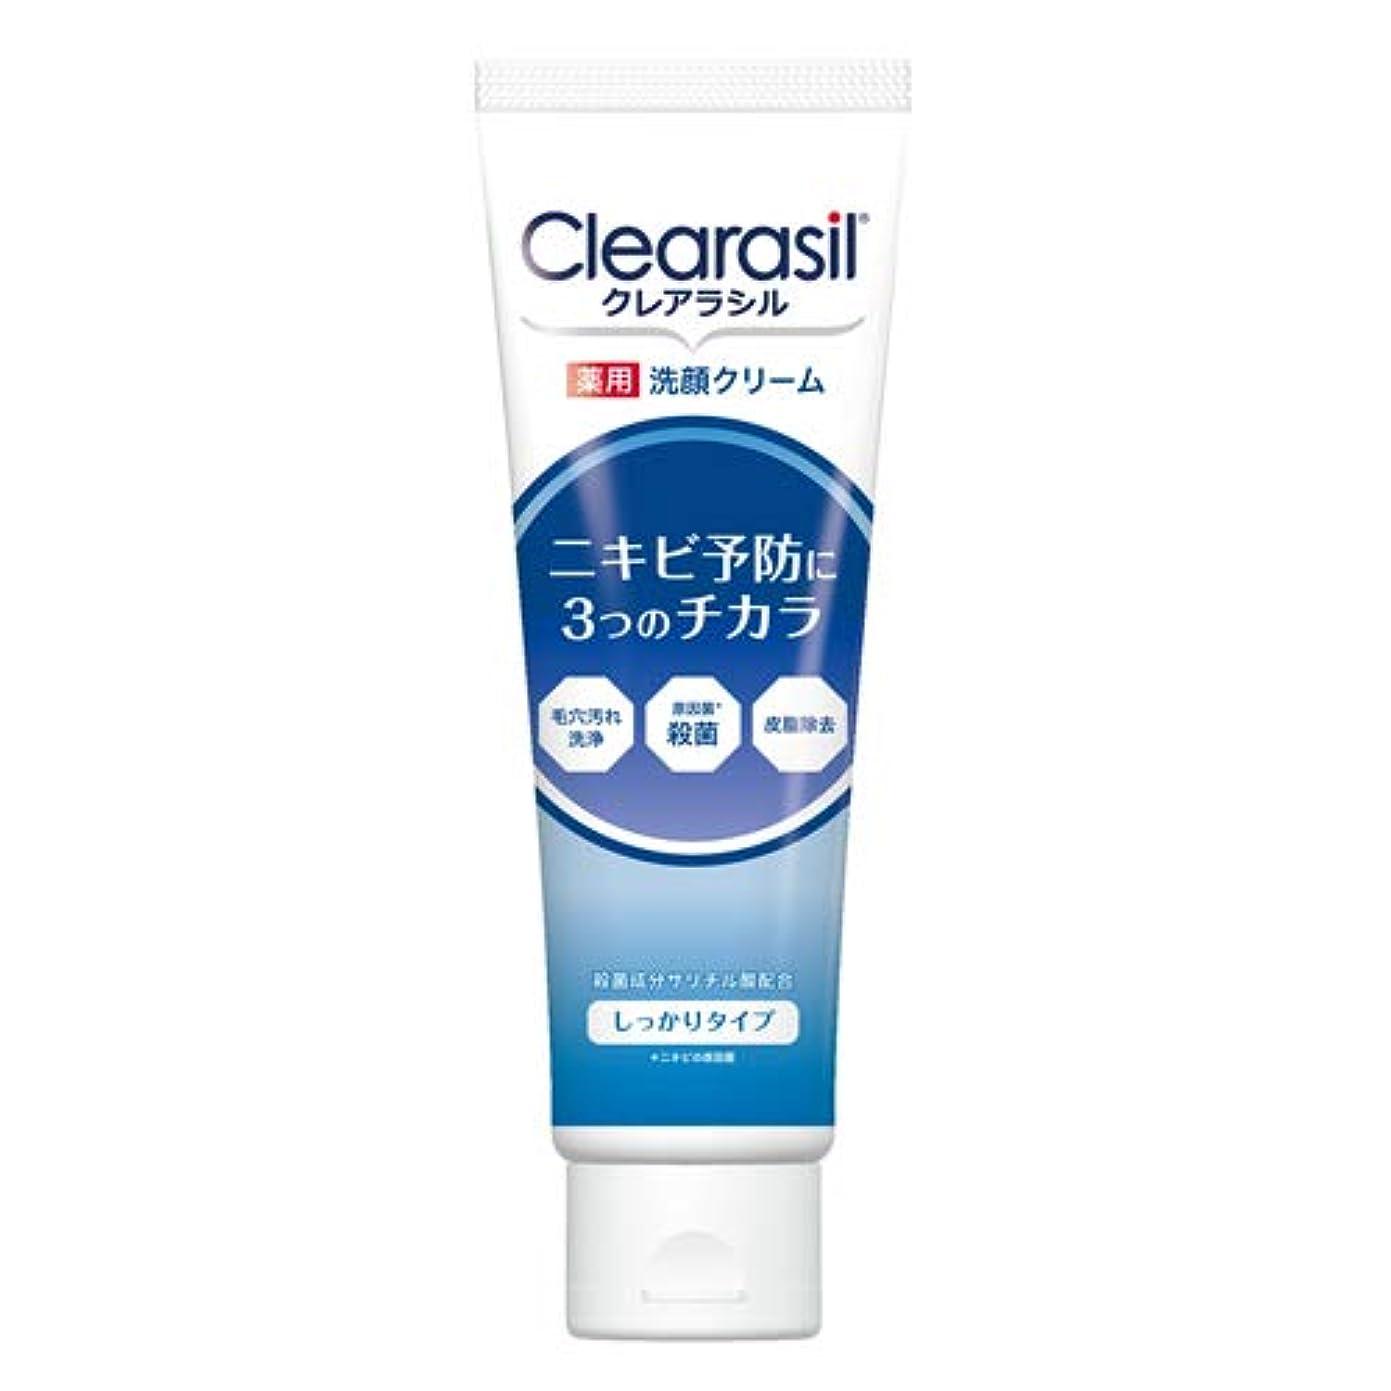 自分手入れ令状クレアラシル 薬用洗顔フォーム 10x 120g × 3個セット